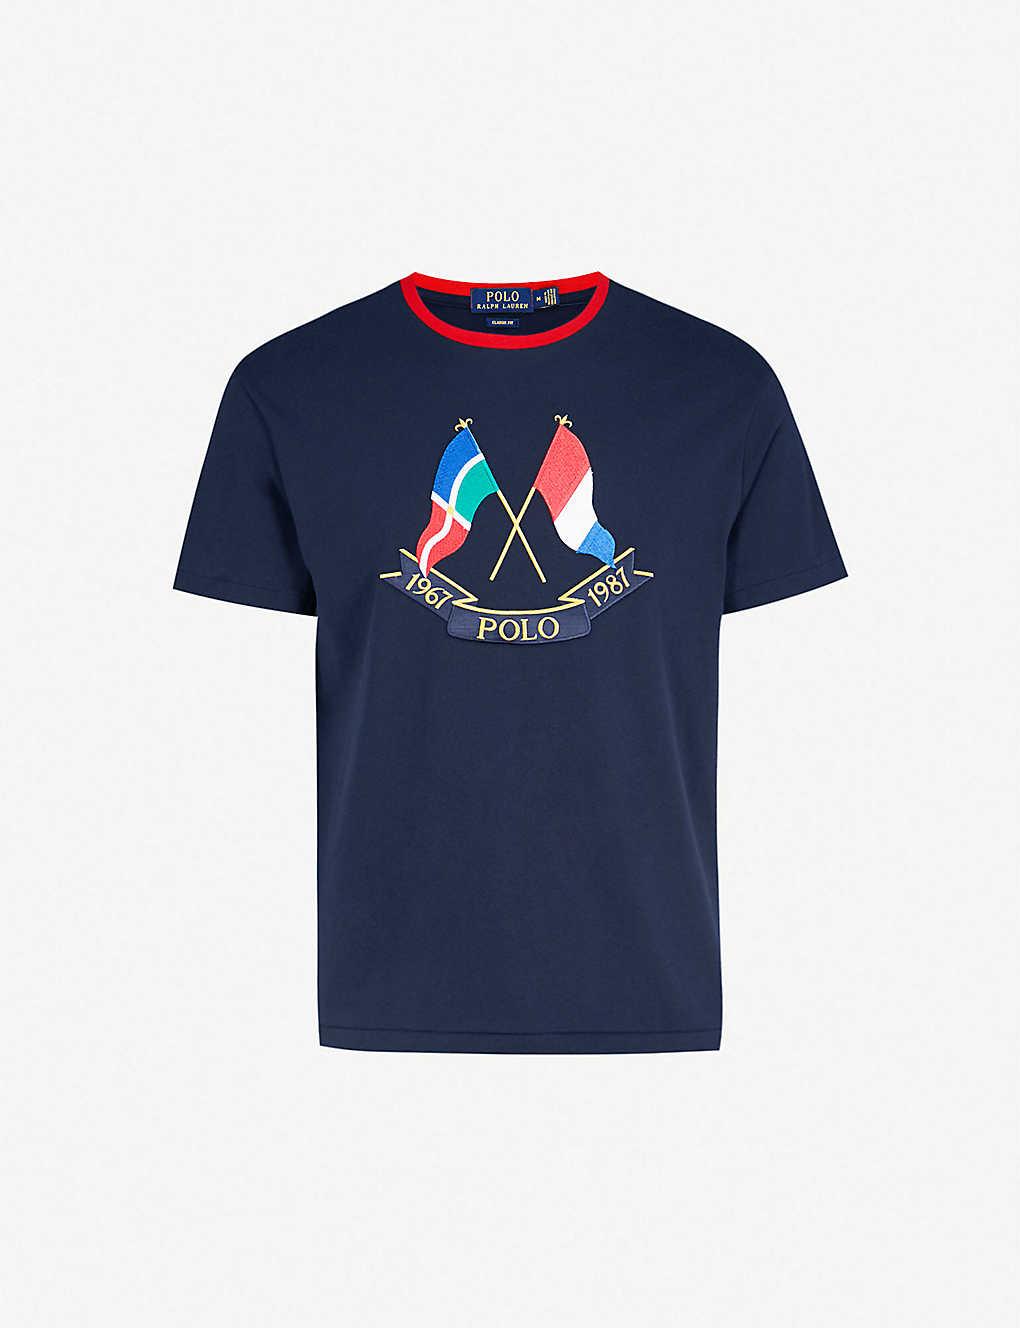 0b1fc461 POLO RALPH LAUREN - Cross Flags cotton-jersey T-shirt | Selfridges.com